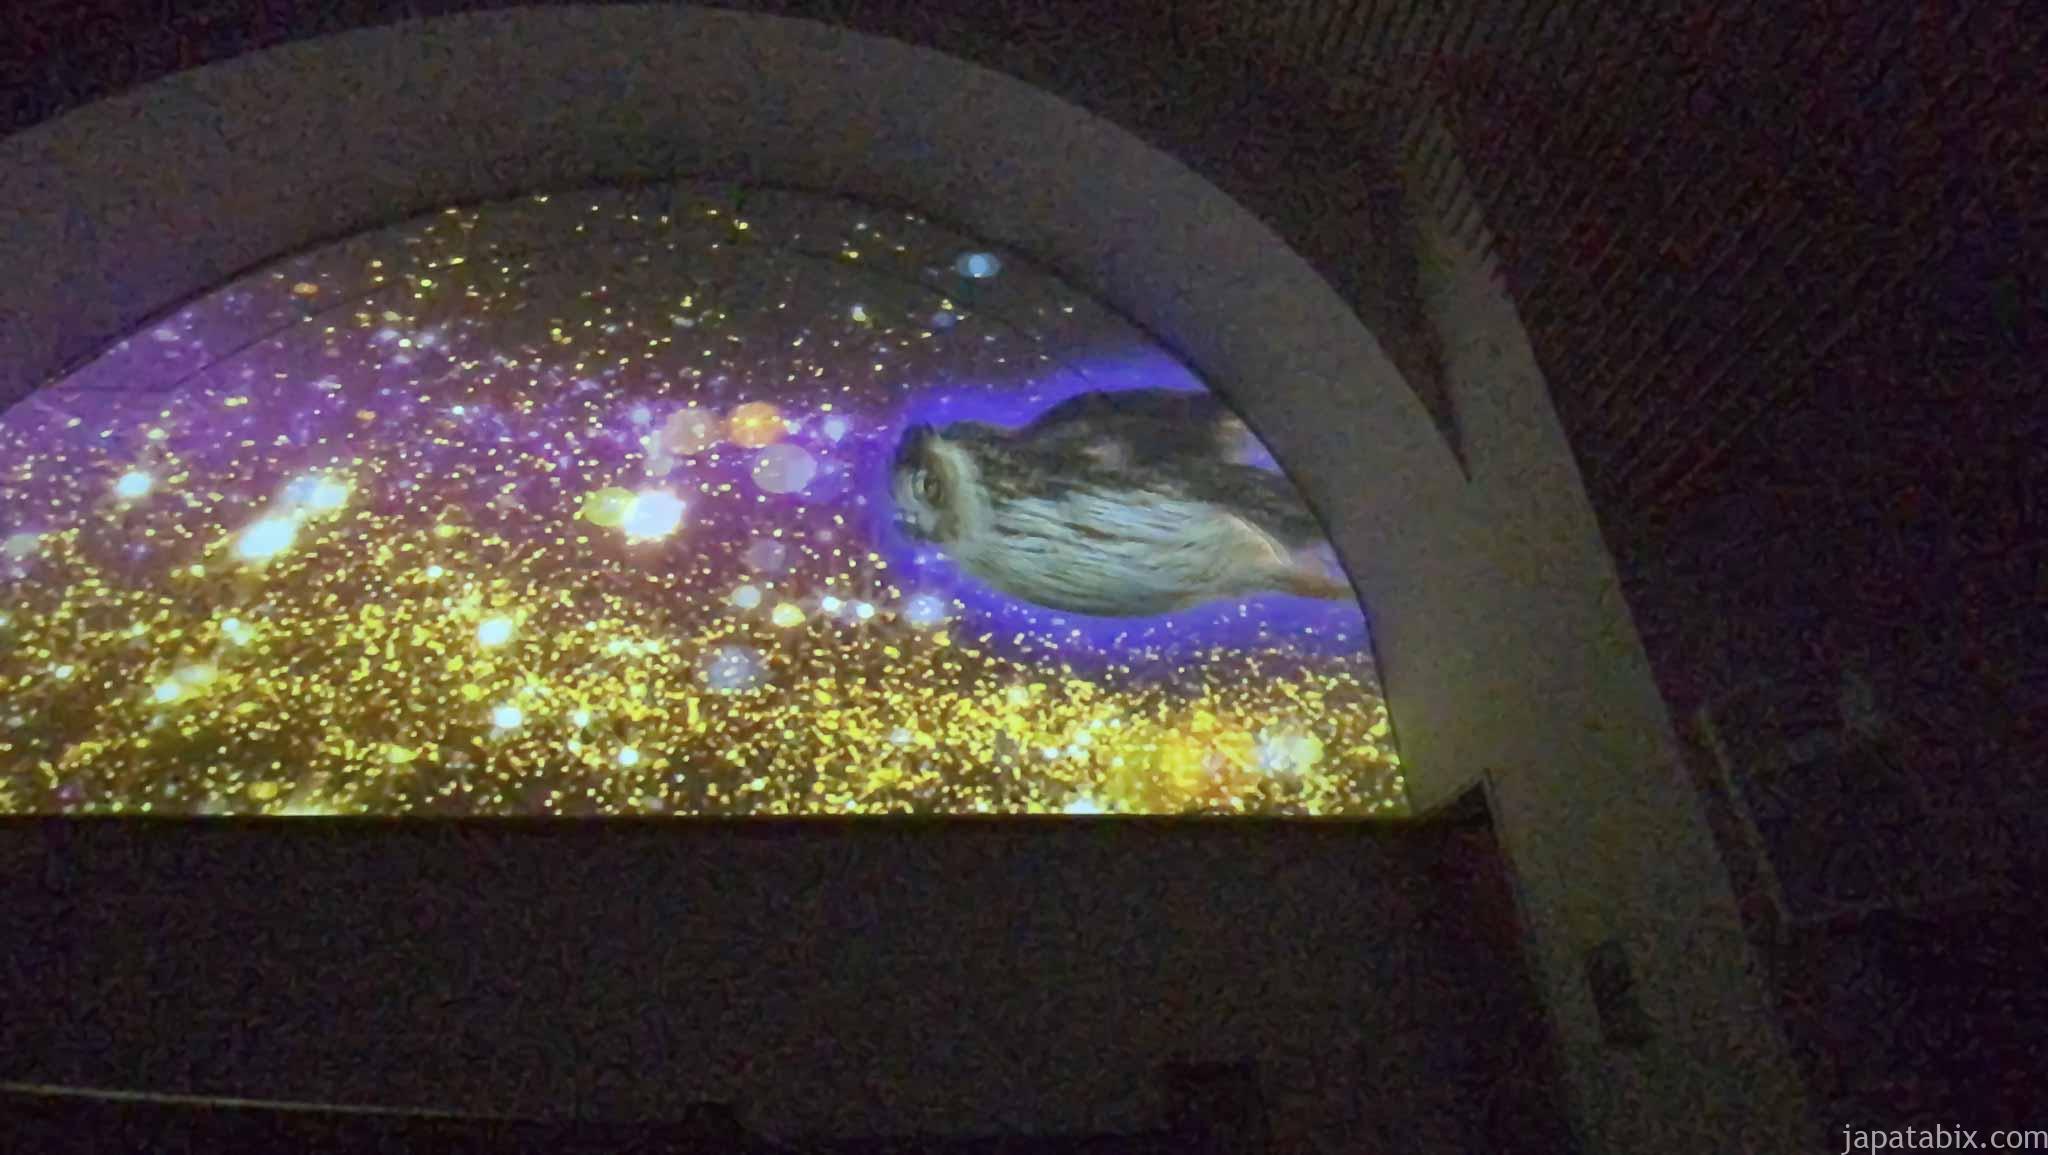 ホテルサンバレー那須 太陽の教会のプロジェクションマッピング